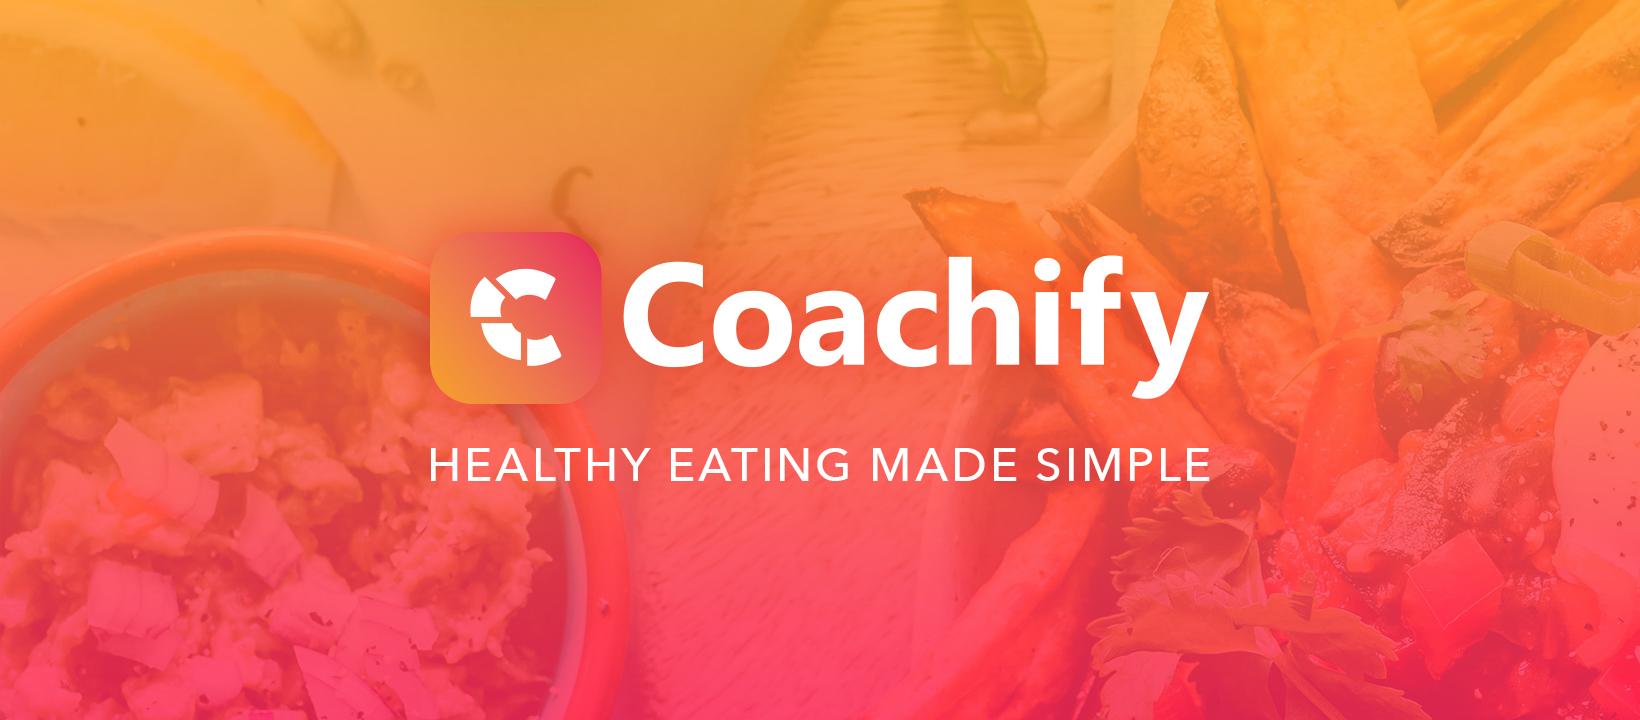 Coachify